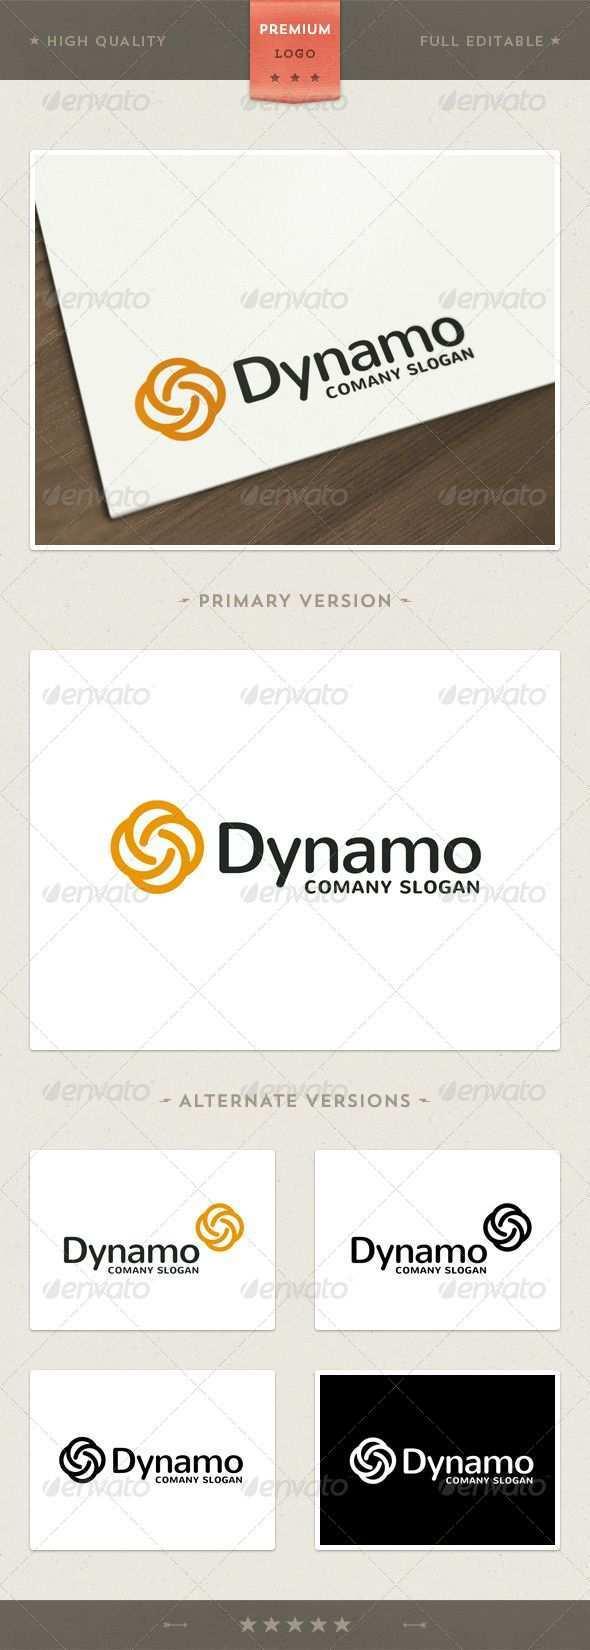 Dynamo Logo Templates Logos Logo Design Template